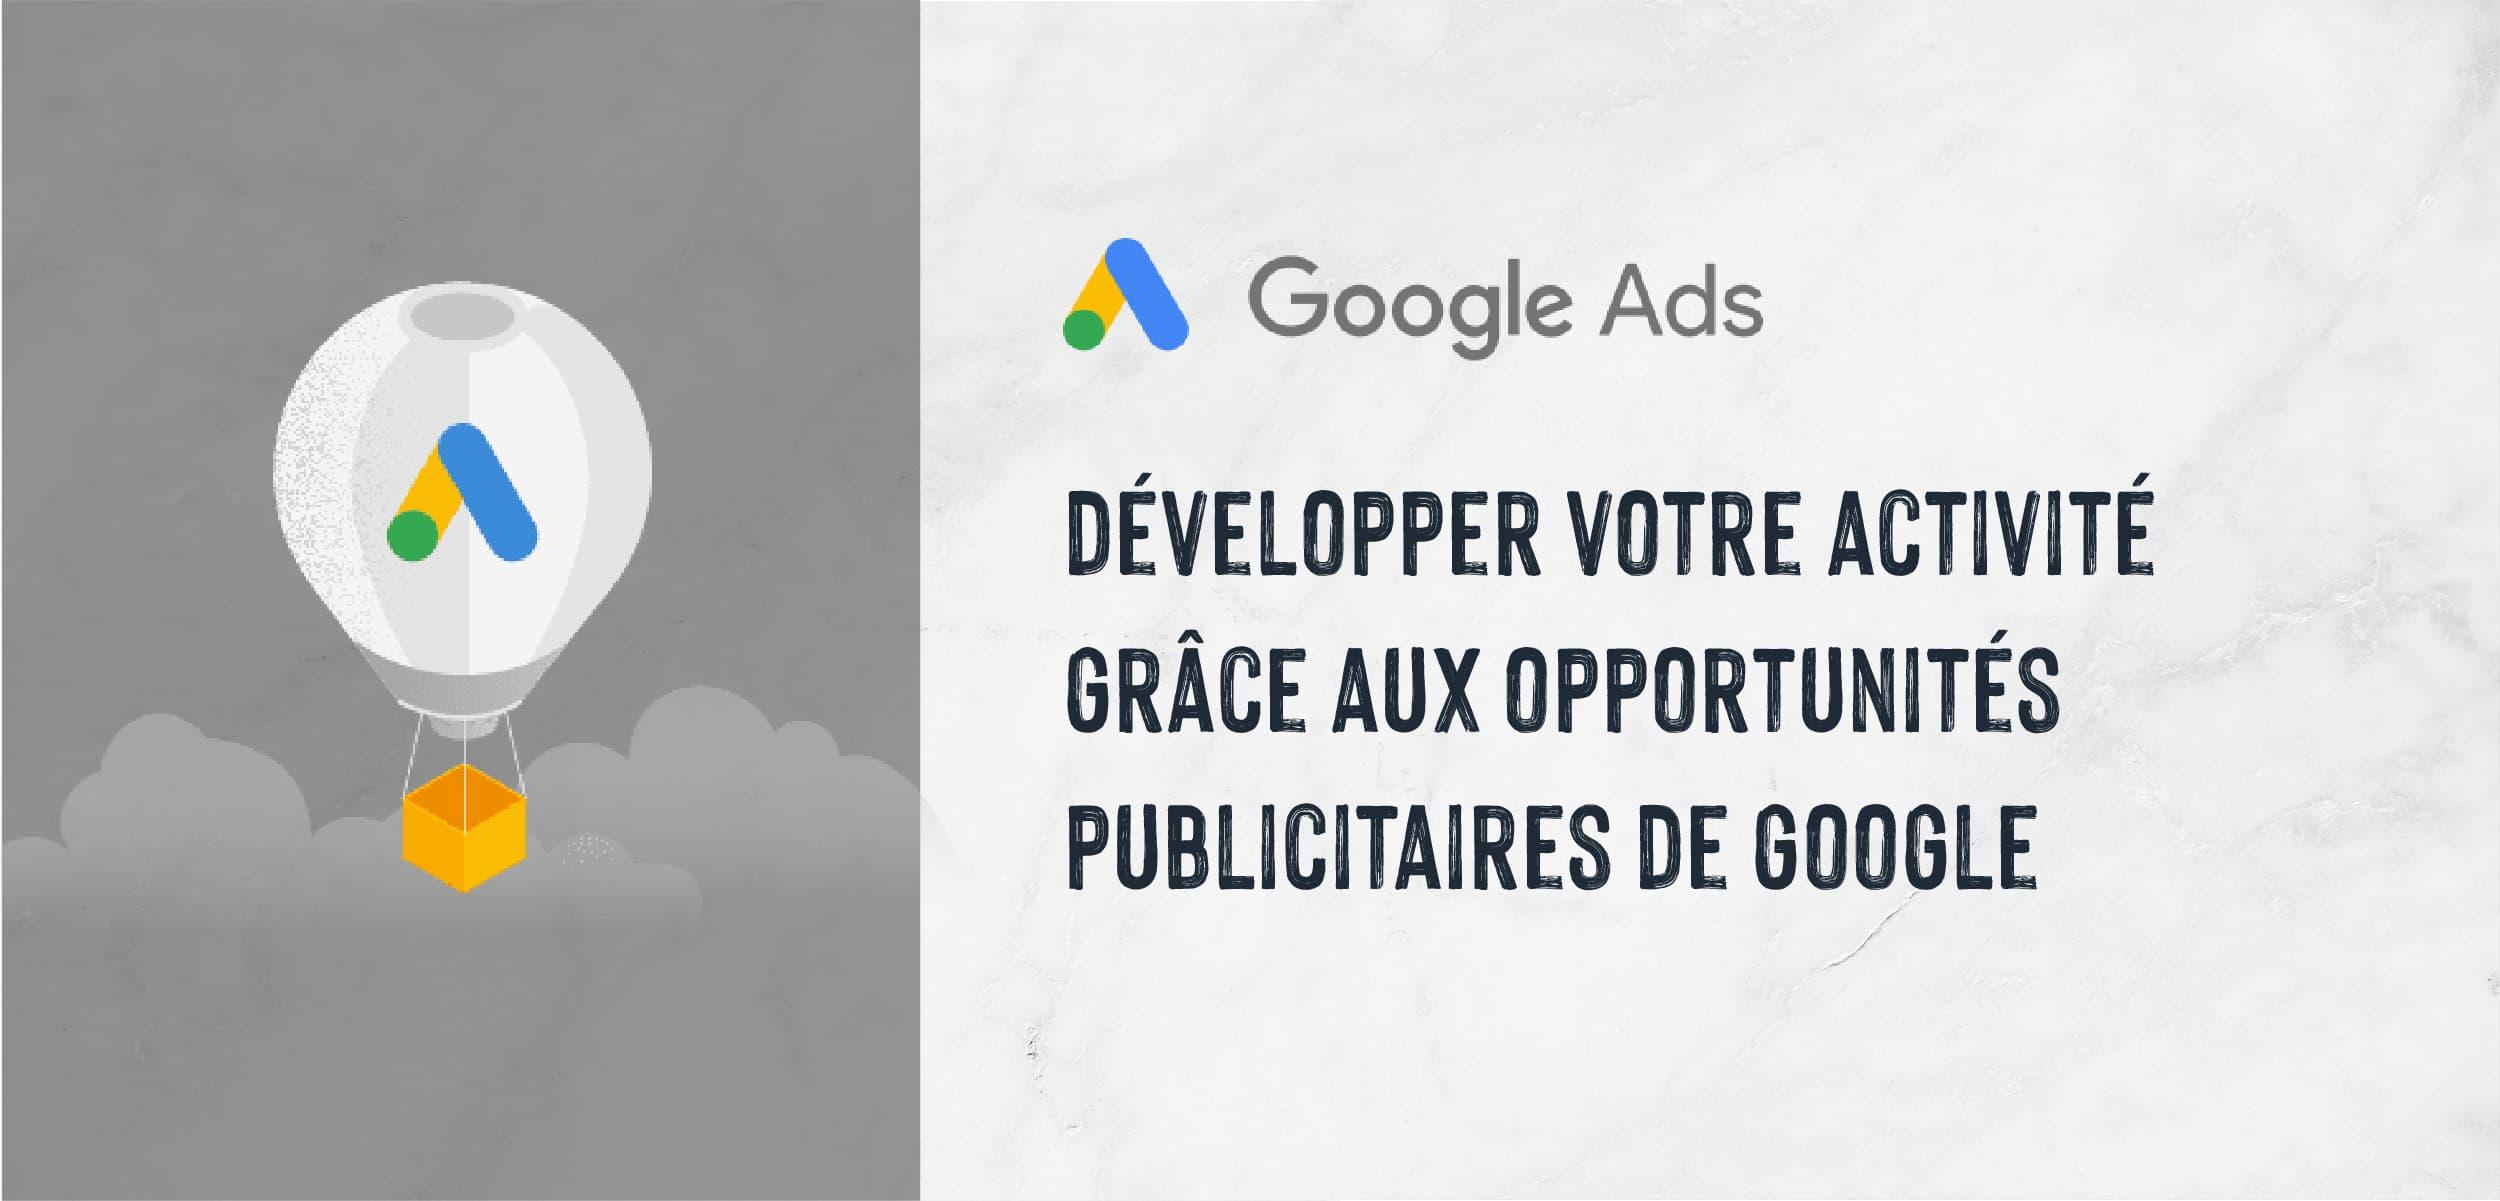 Pourquoi Google Ads ?